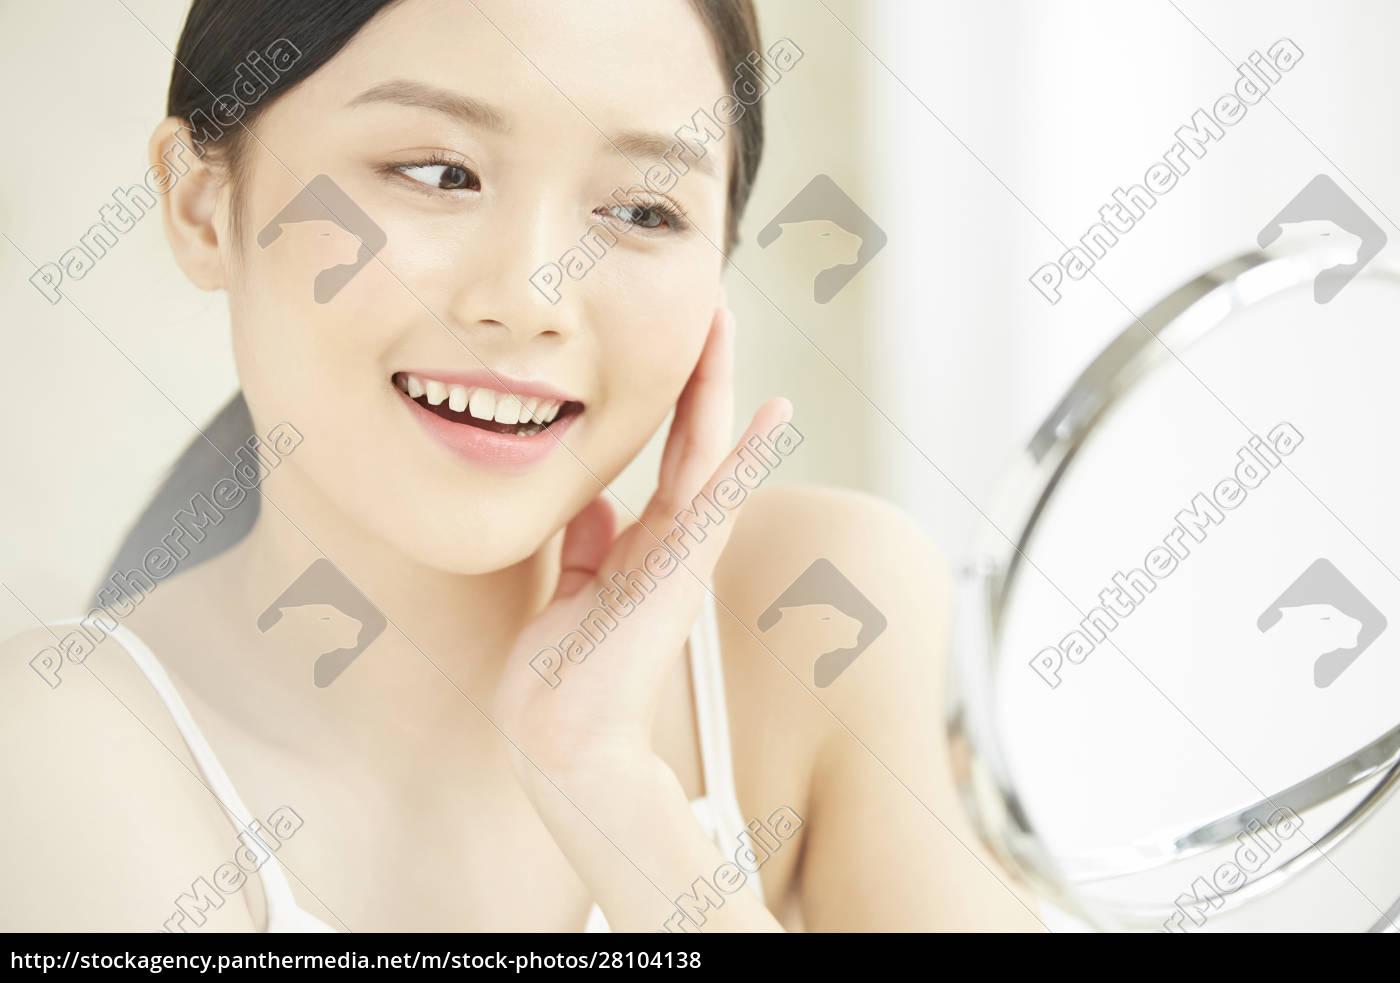 women, beauty - 28104138